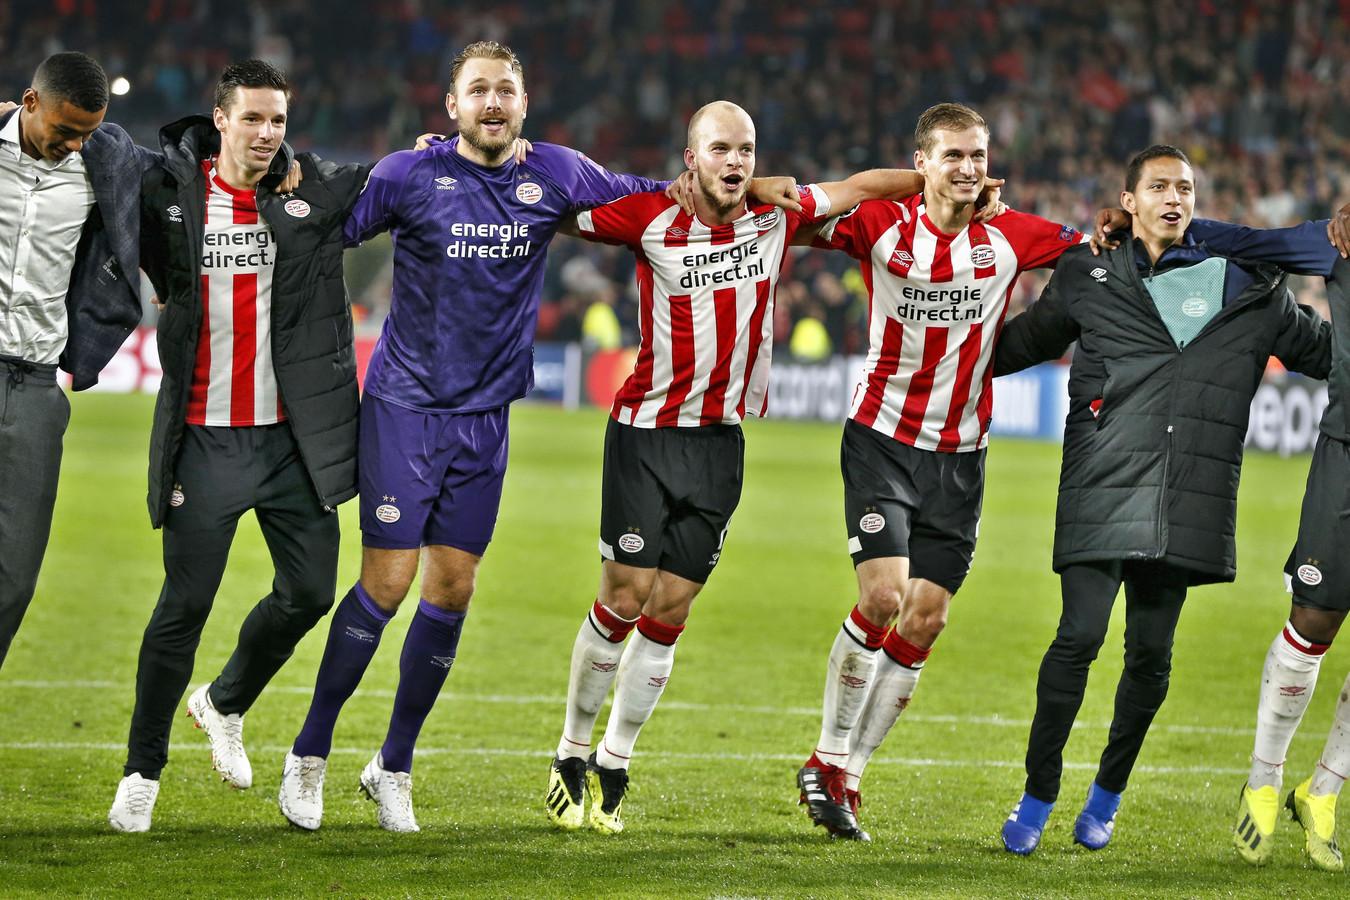 De spelers van PSV vieren het bereiken van de poulefase van de Champions League na de 3-0 overwinning op BATE Borisov.